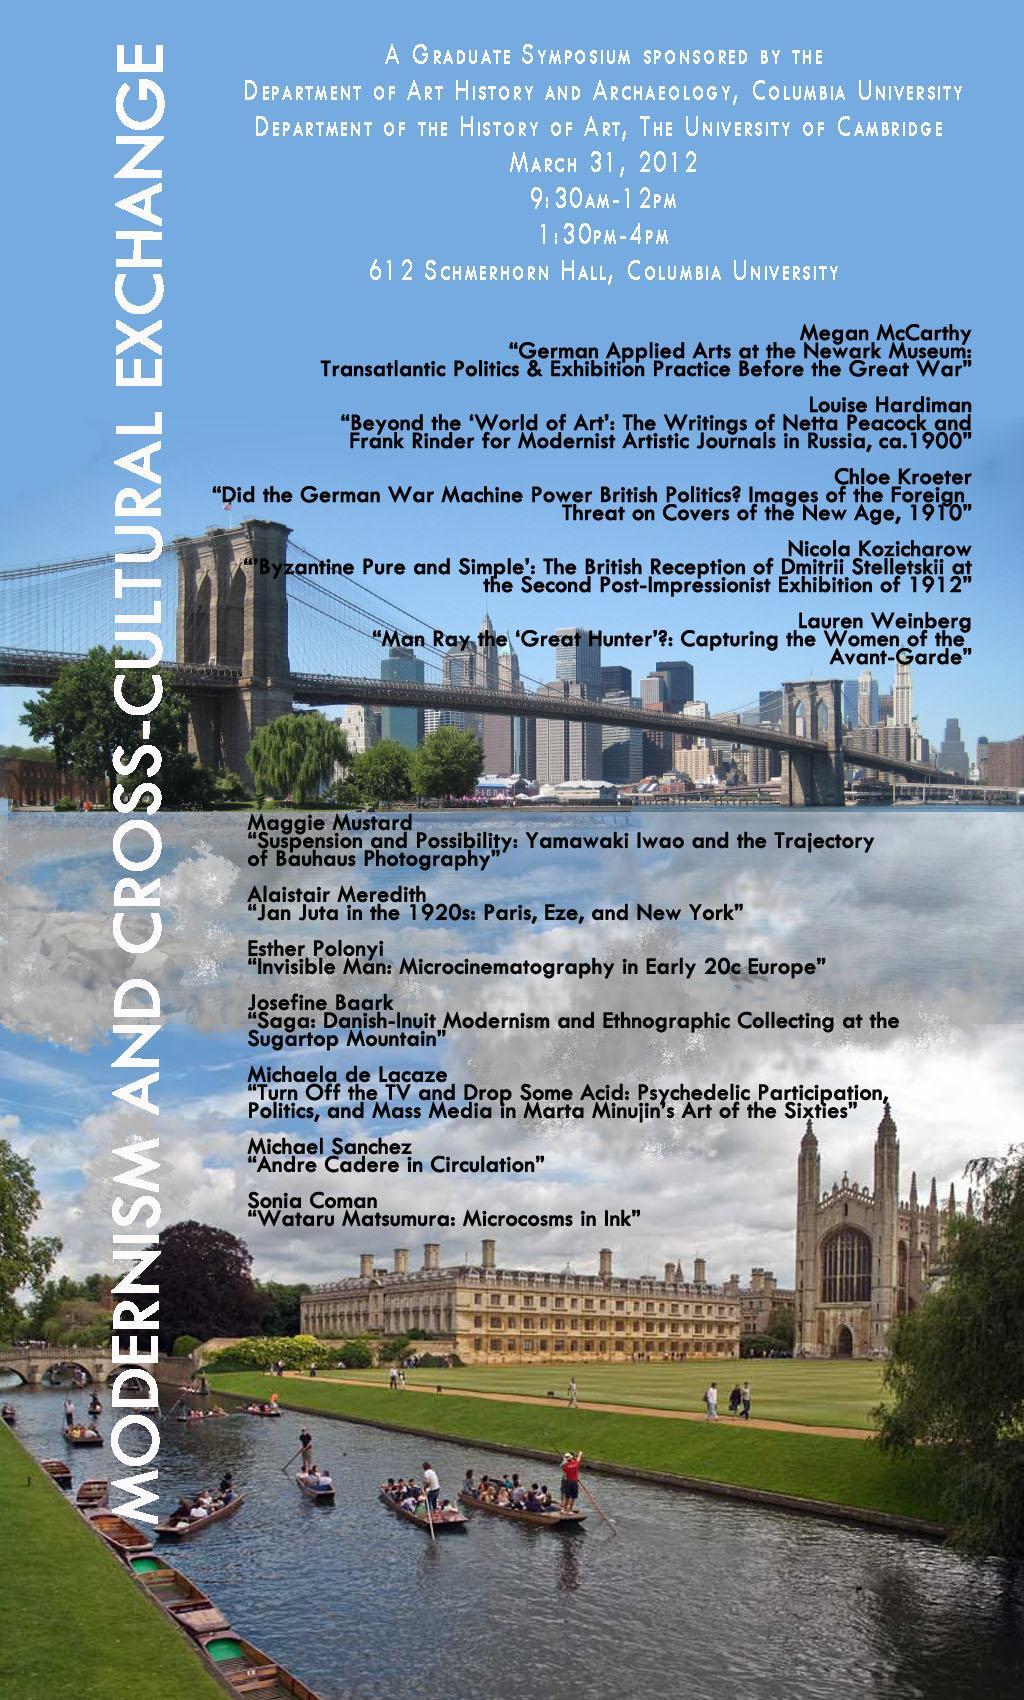 Cambridge-Columbia poster